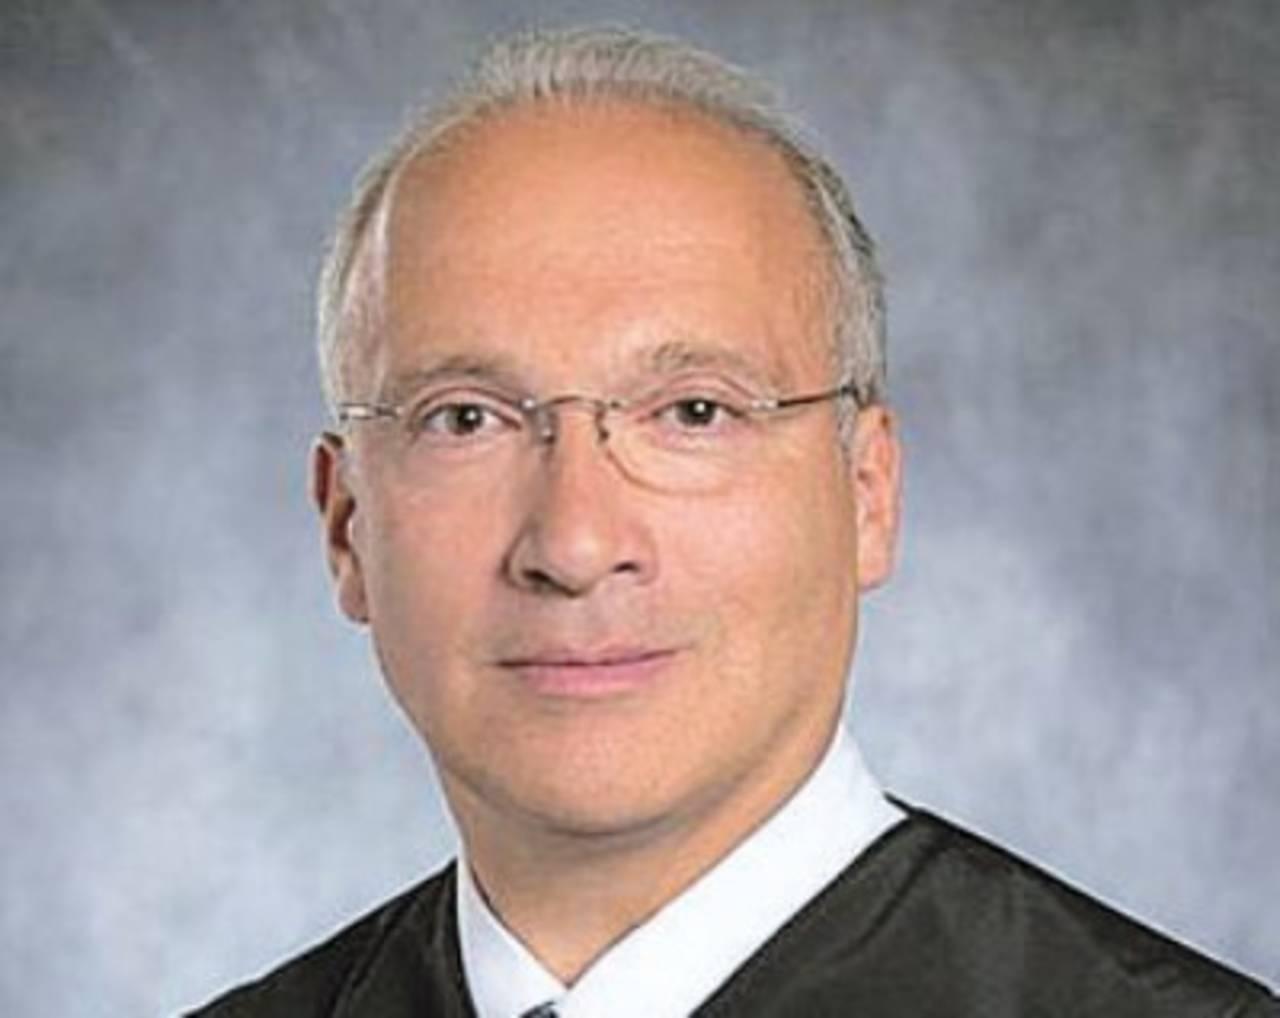 Juez hispano llevará caso de